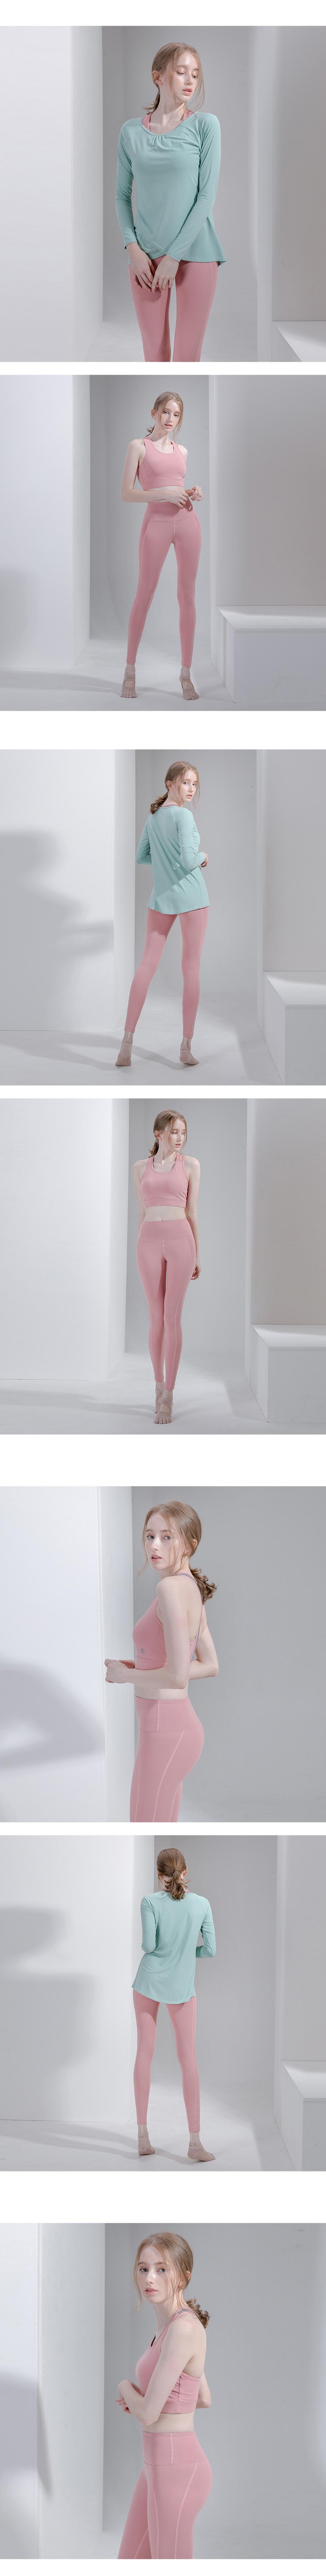 뒤란(DURAN) 루사 쉐이퍼 코렉티브 레깅스 DYW-PL4052 핑크